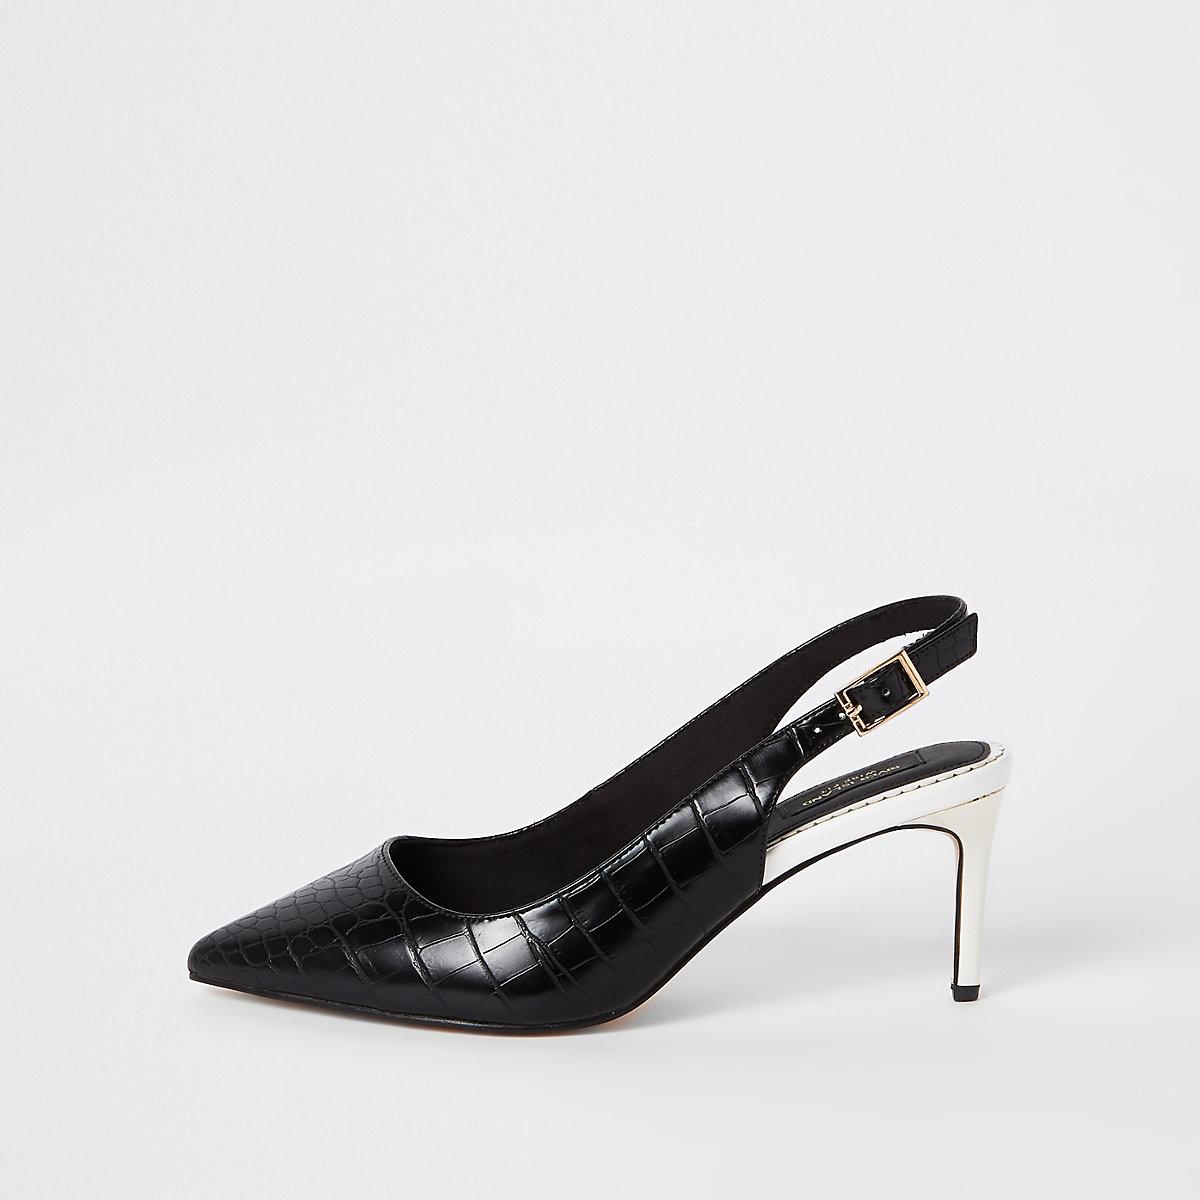 Black croc wide fit sling back pumps